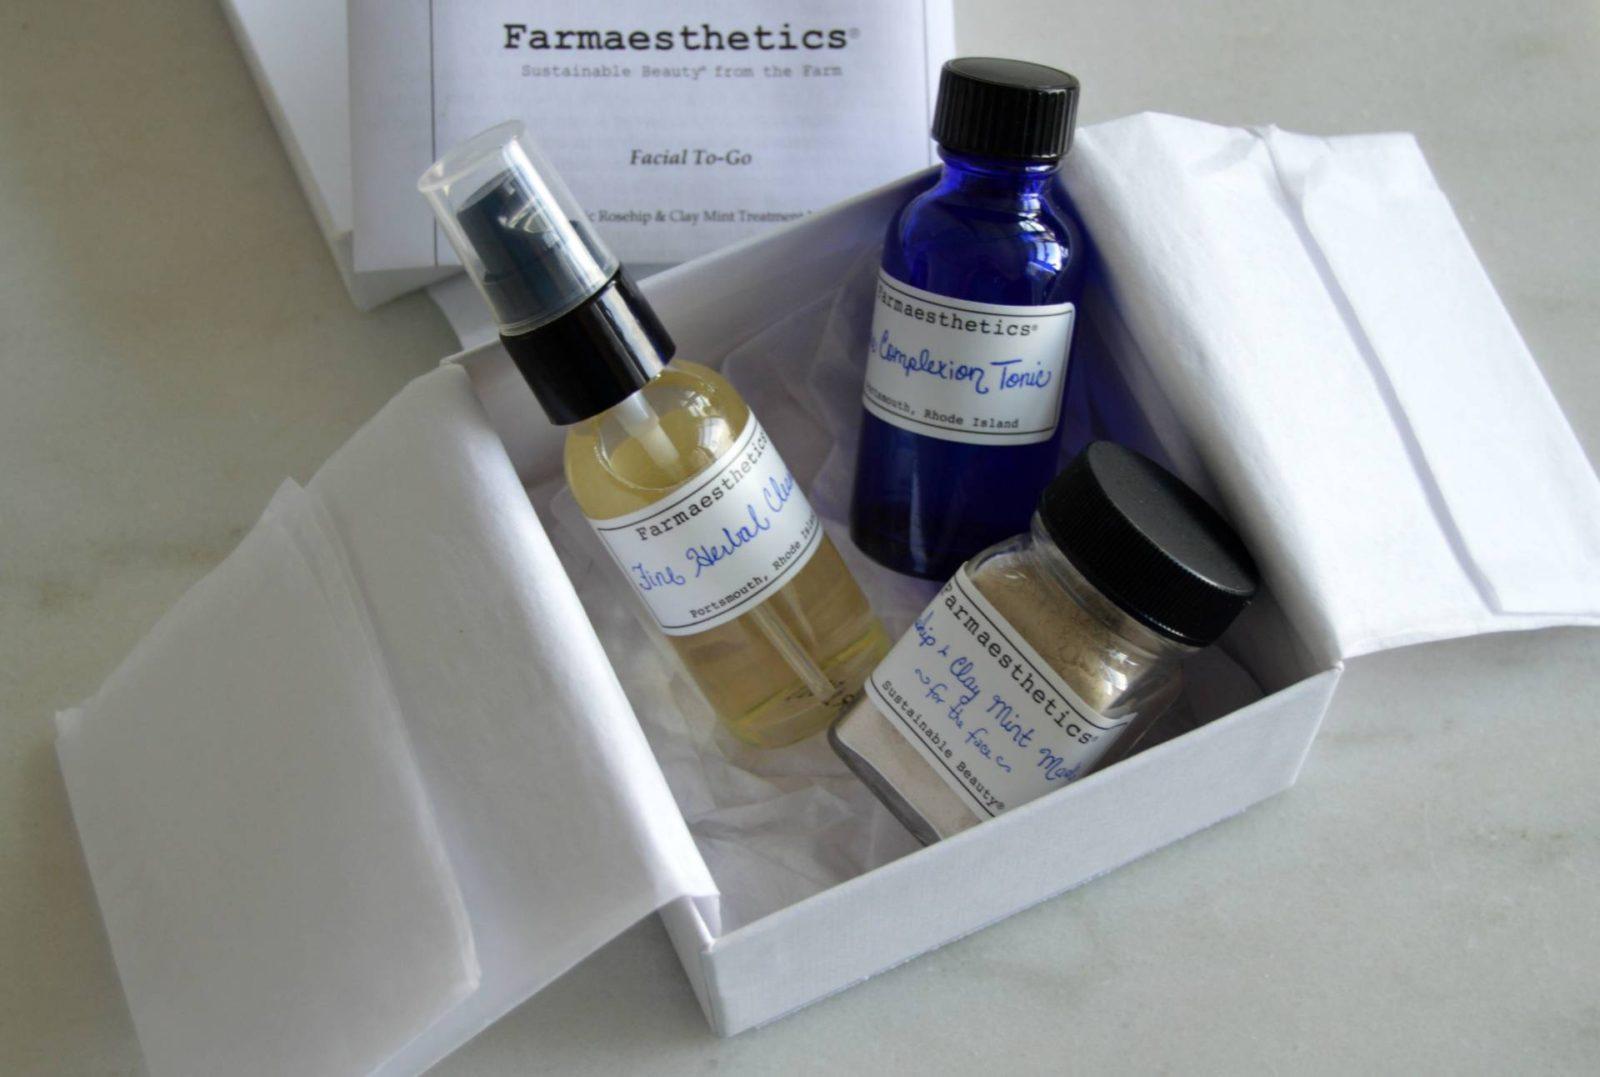 Farmaesthetics Facial To-Go: Spa Grade Travel Essentials